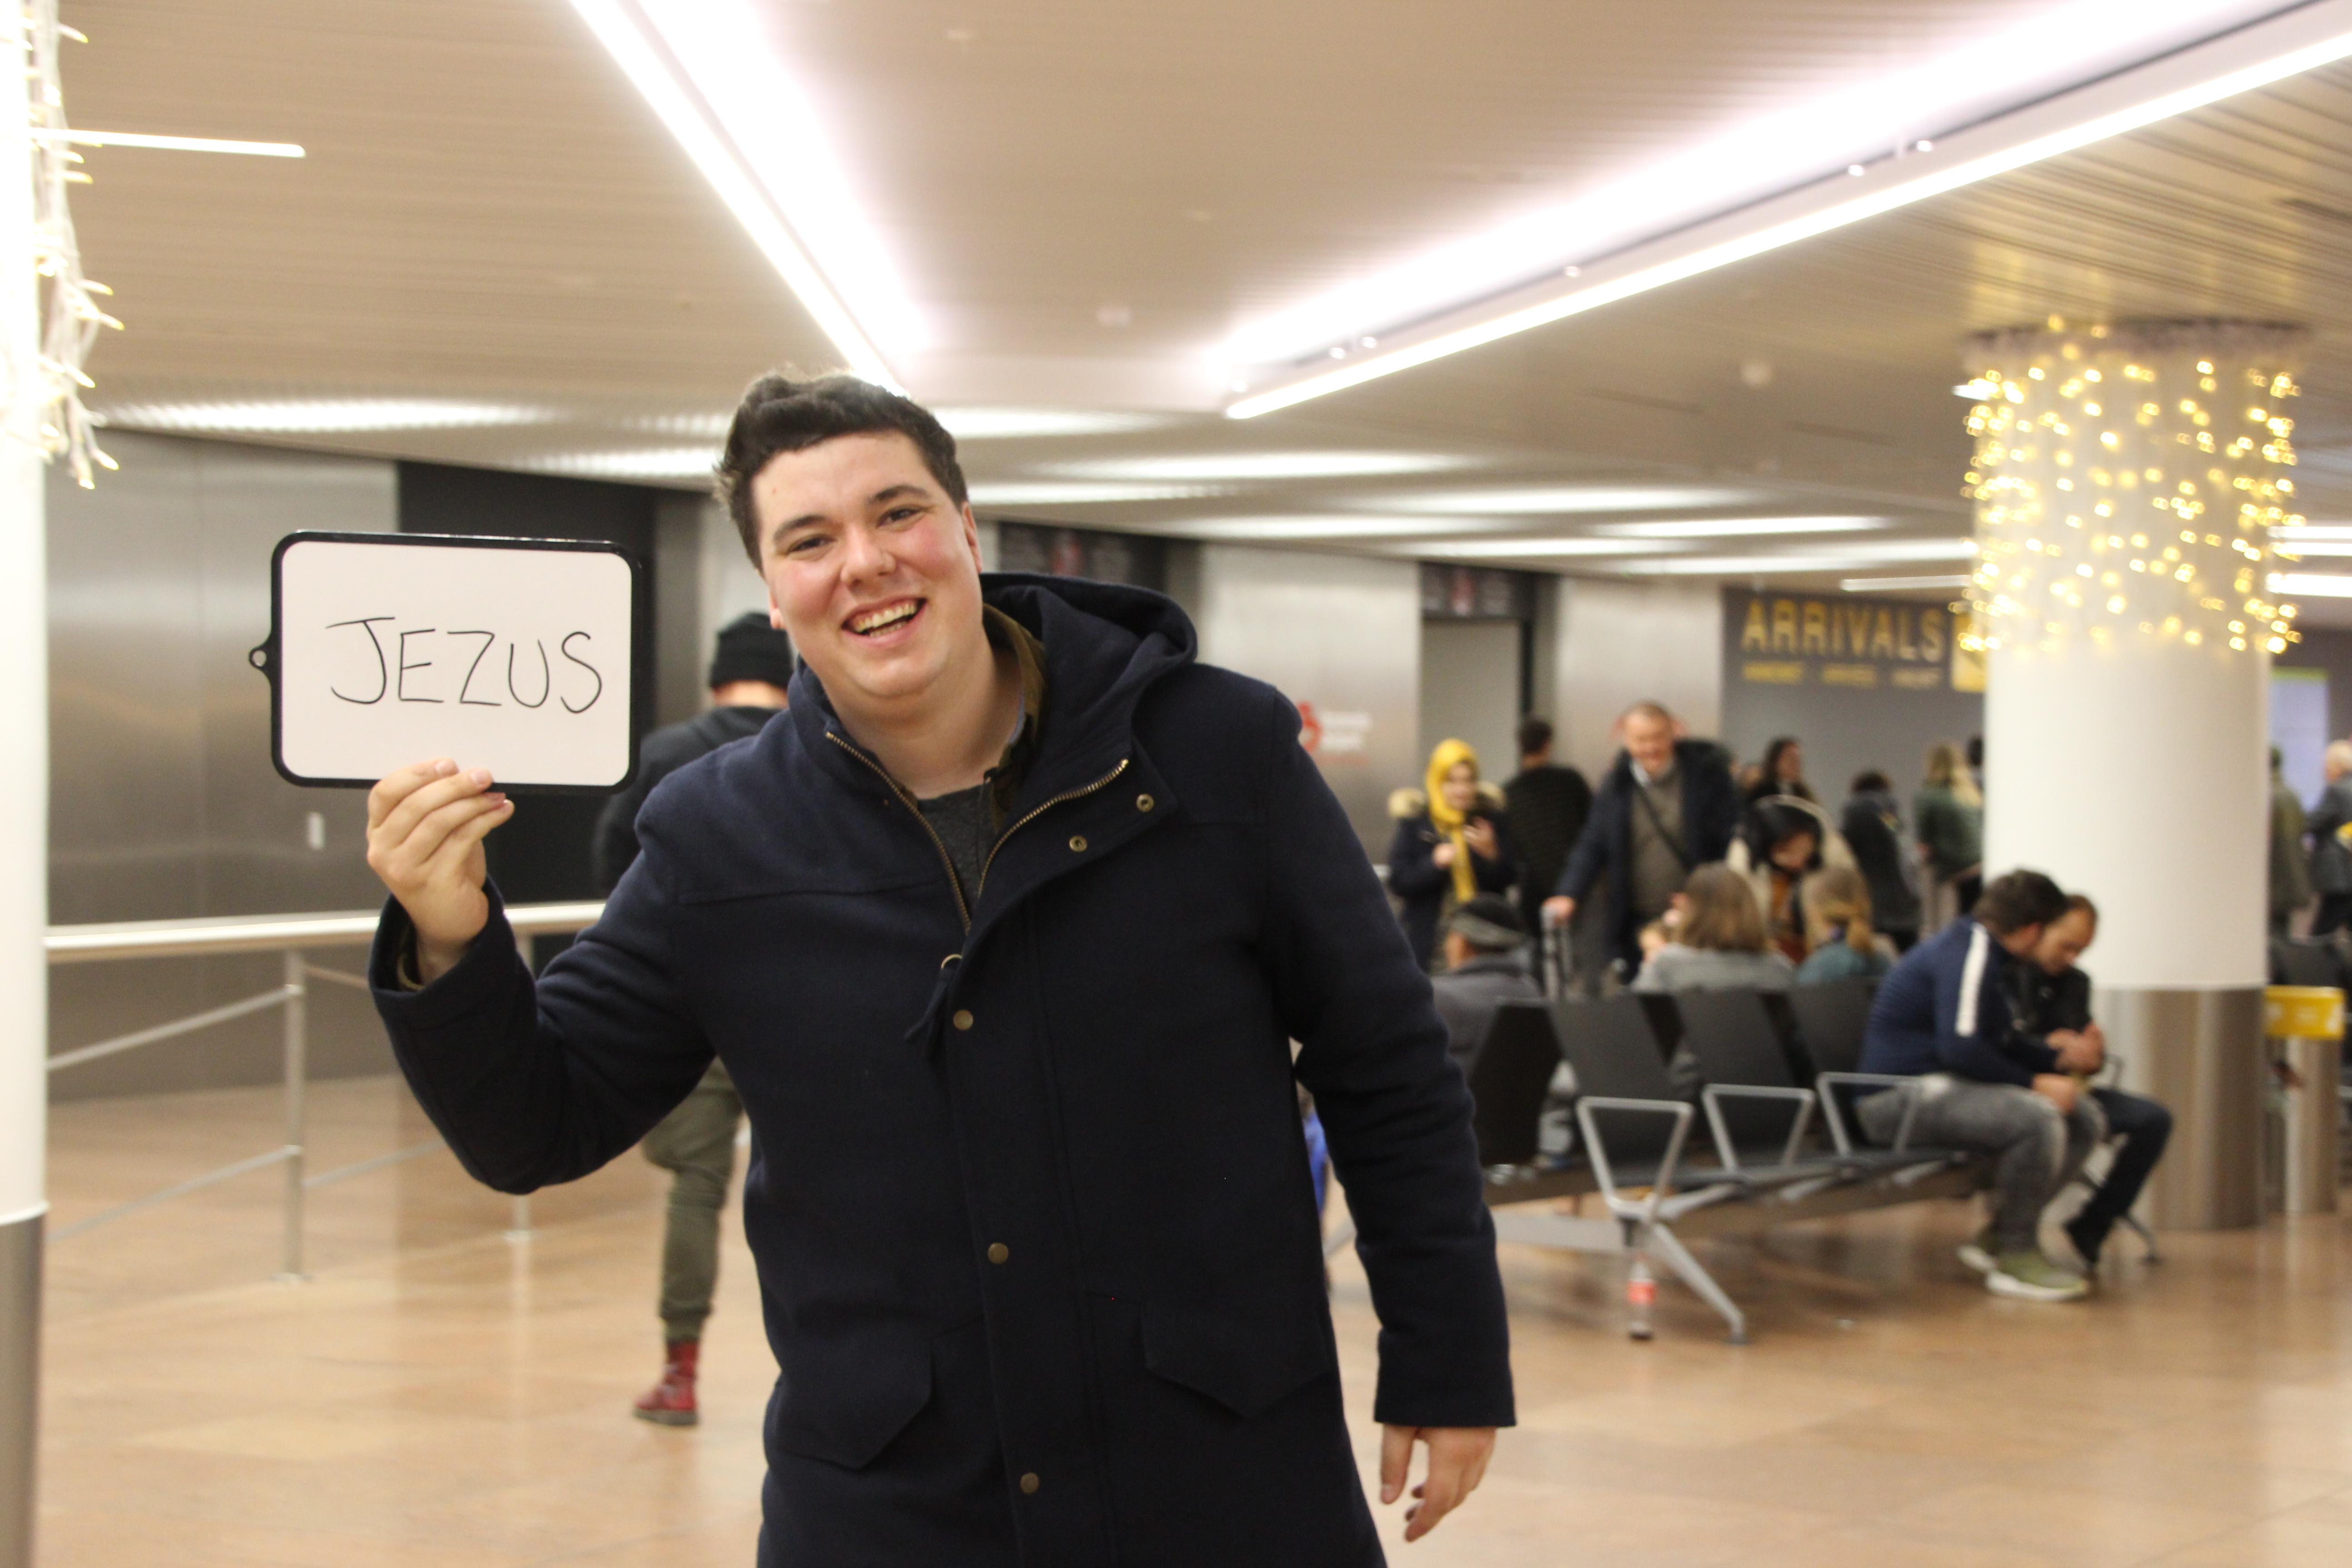 Isaac van IJD wacht op Jezus in de luchthaven van Zaventem.